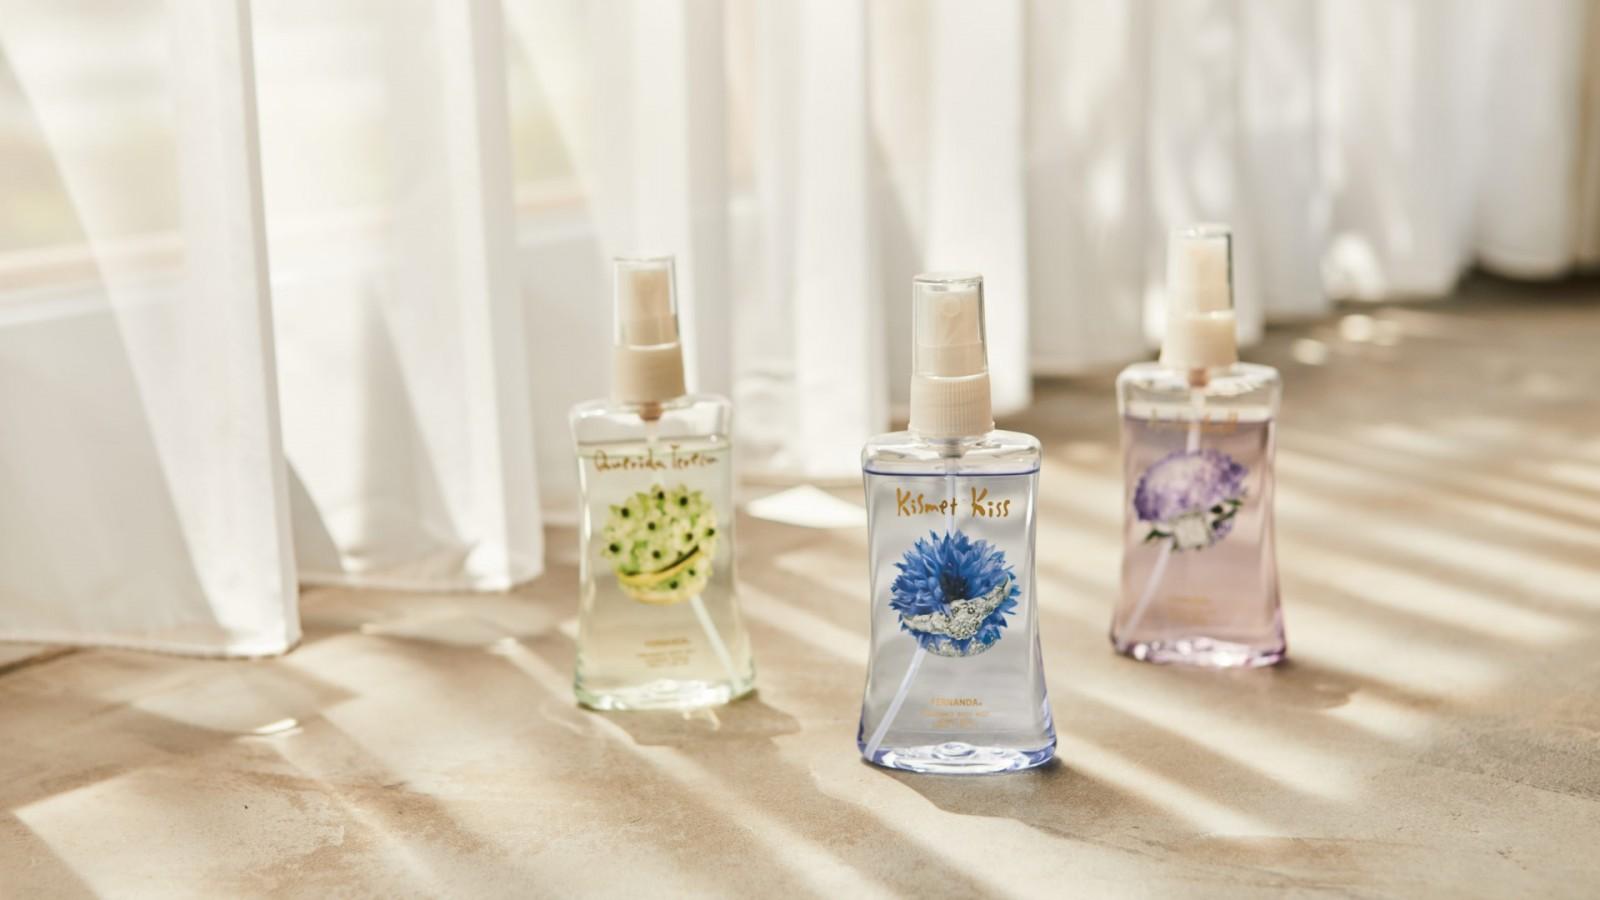 【夏のおススメフレグランス】夏に似合う爽やかな香りを身にまとう